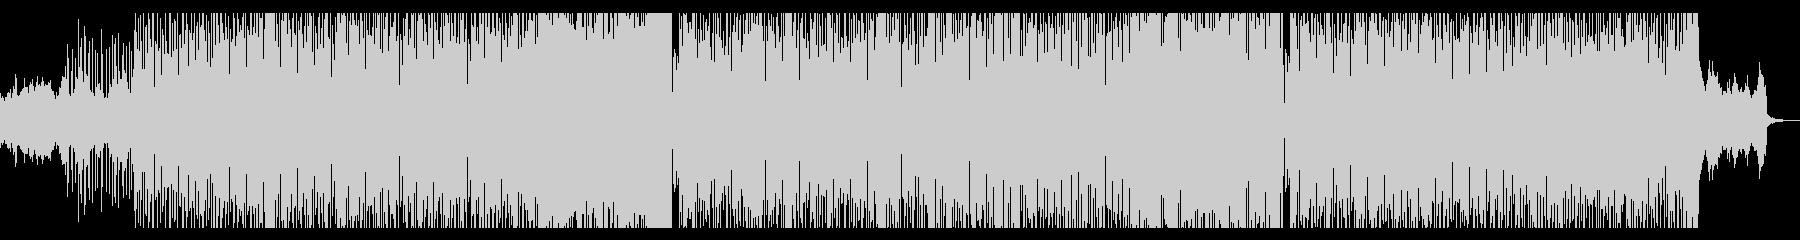 レトロフューチャー感のあるインストポップの未再生の波形